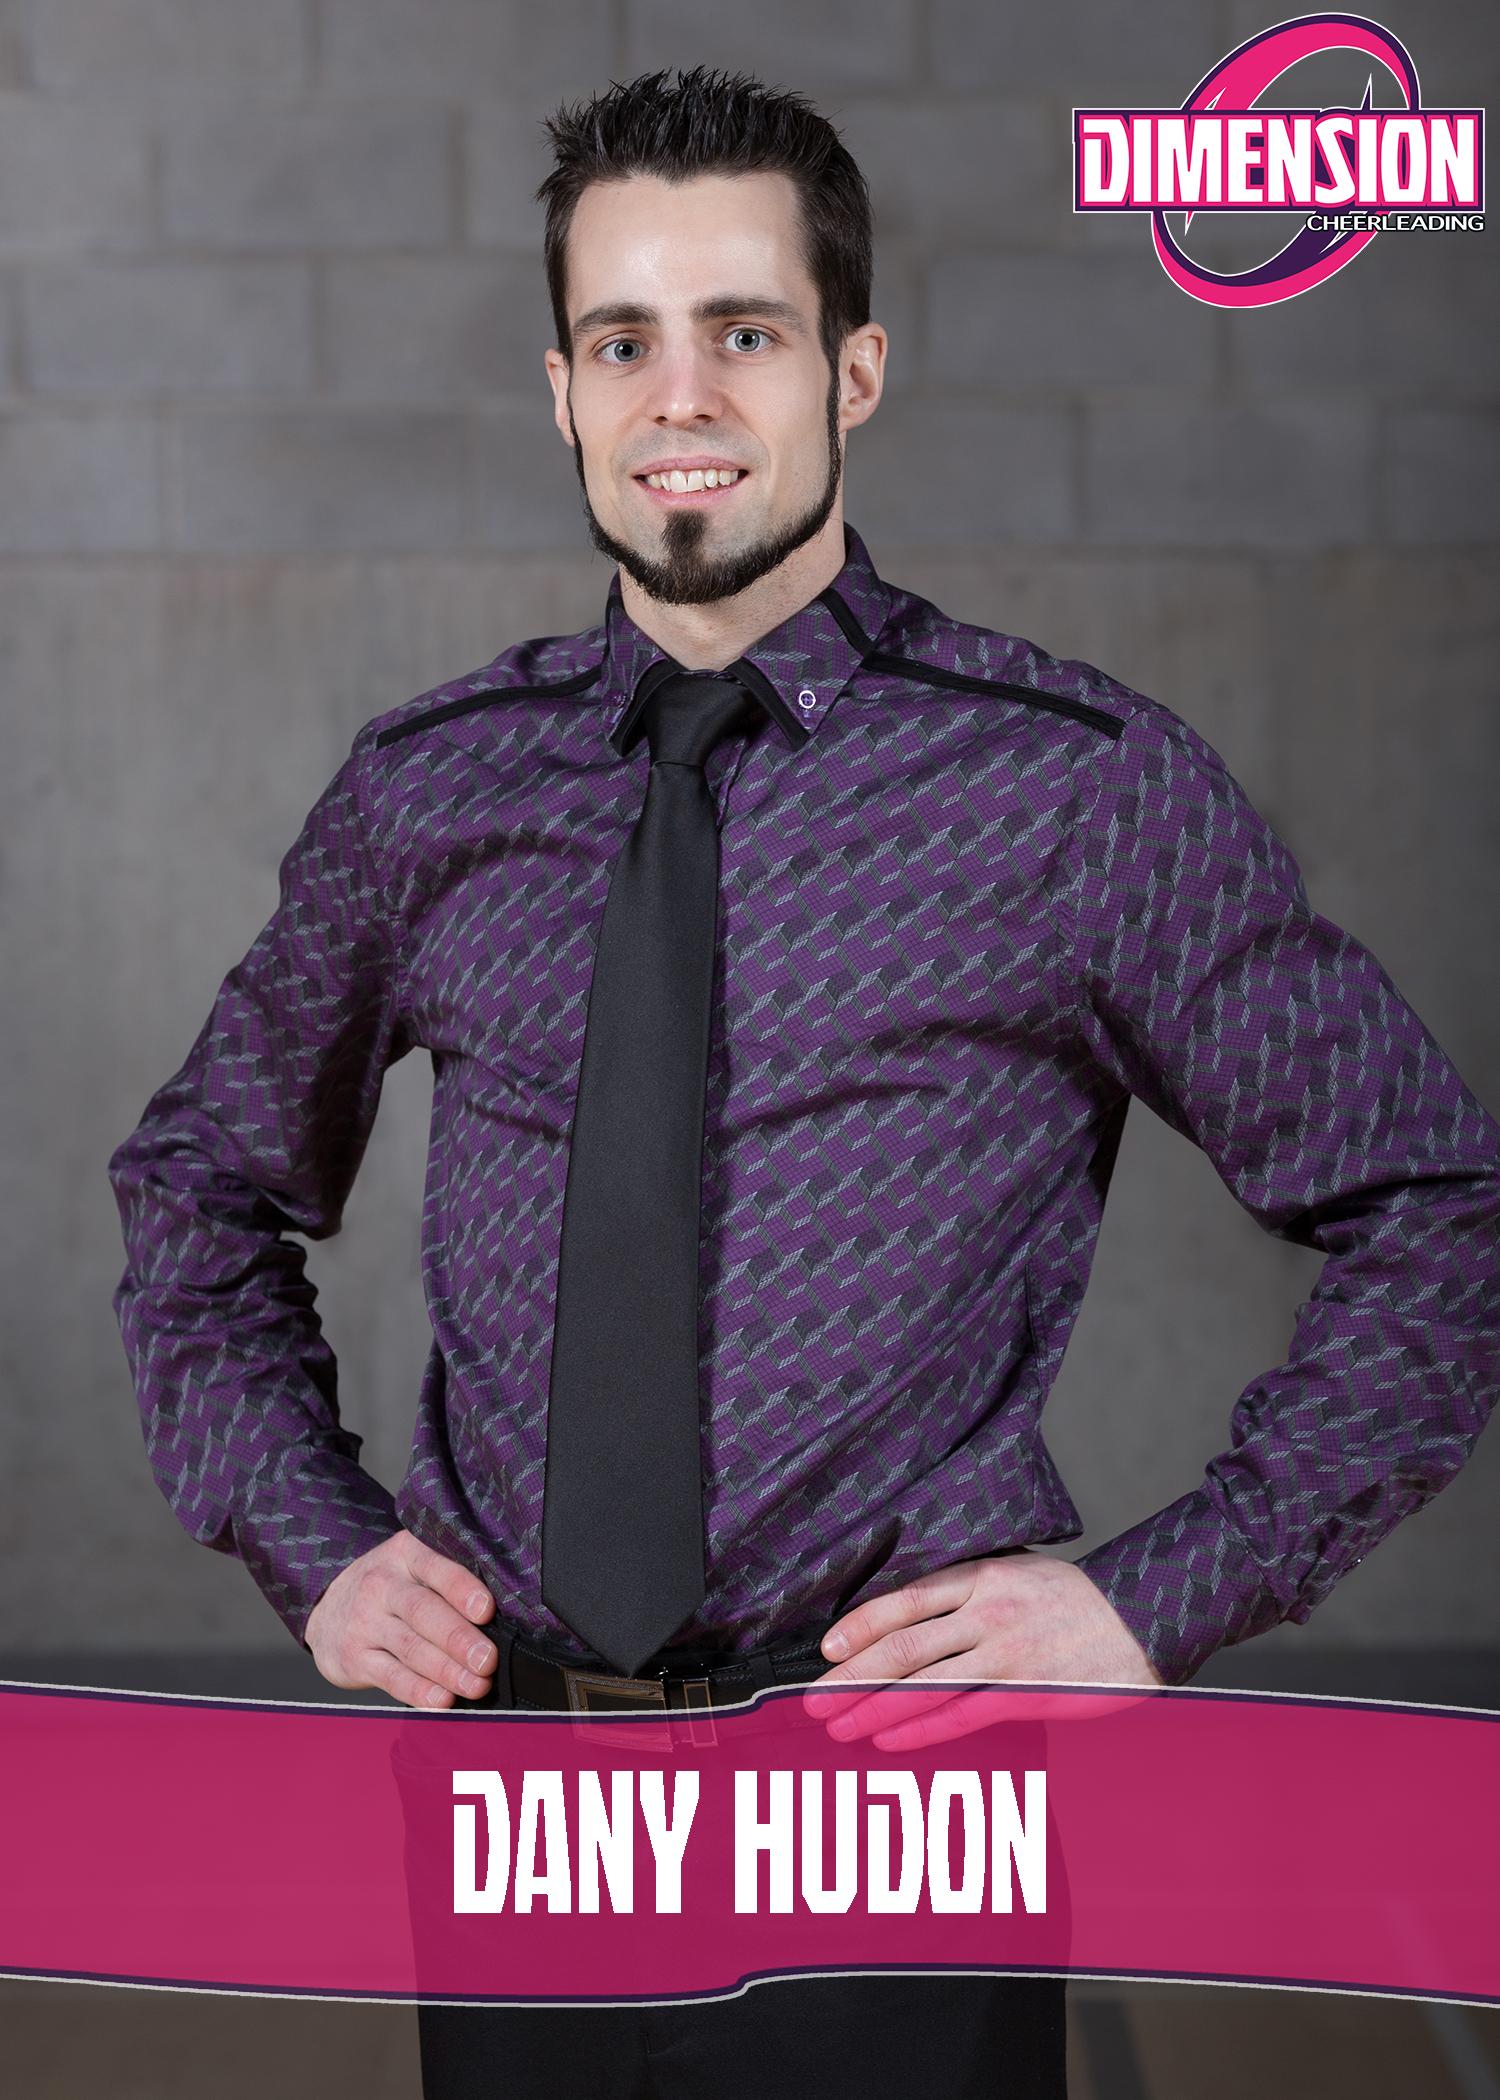 Dany Hudon